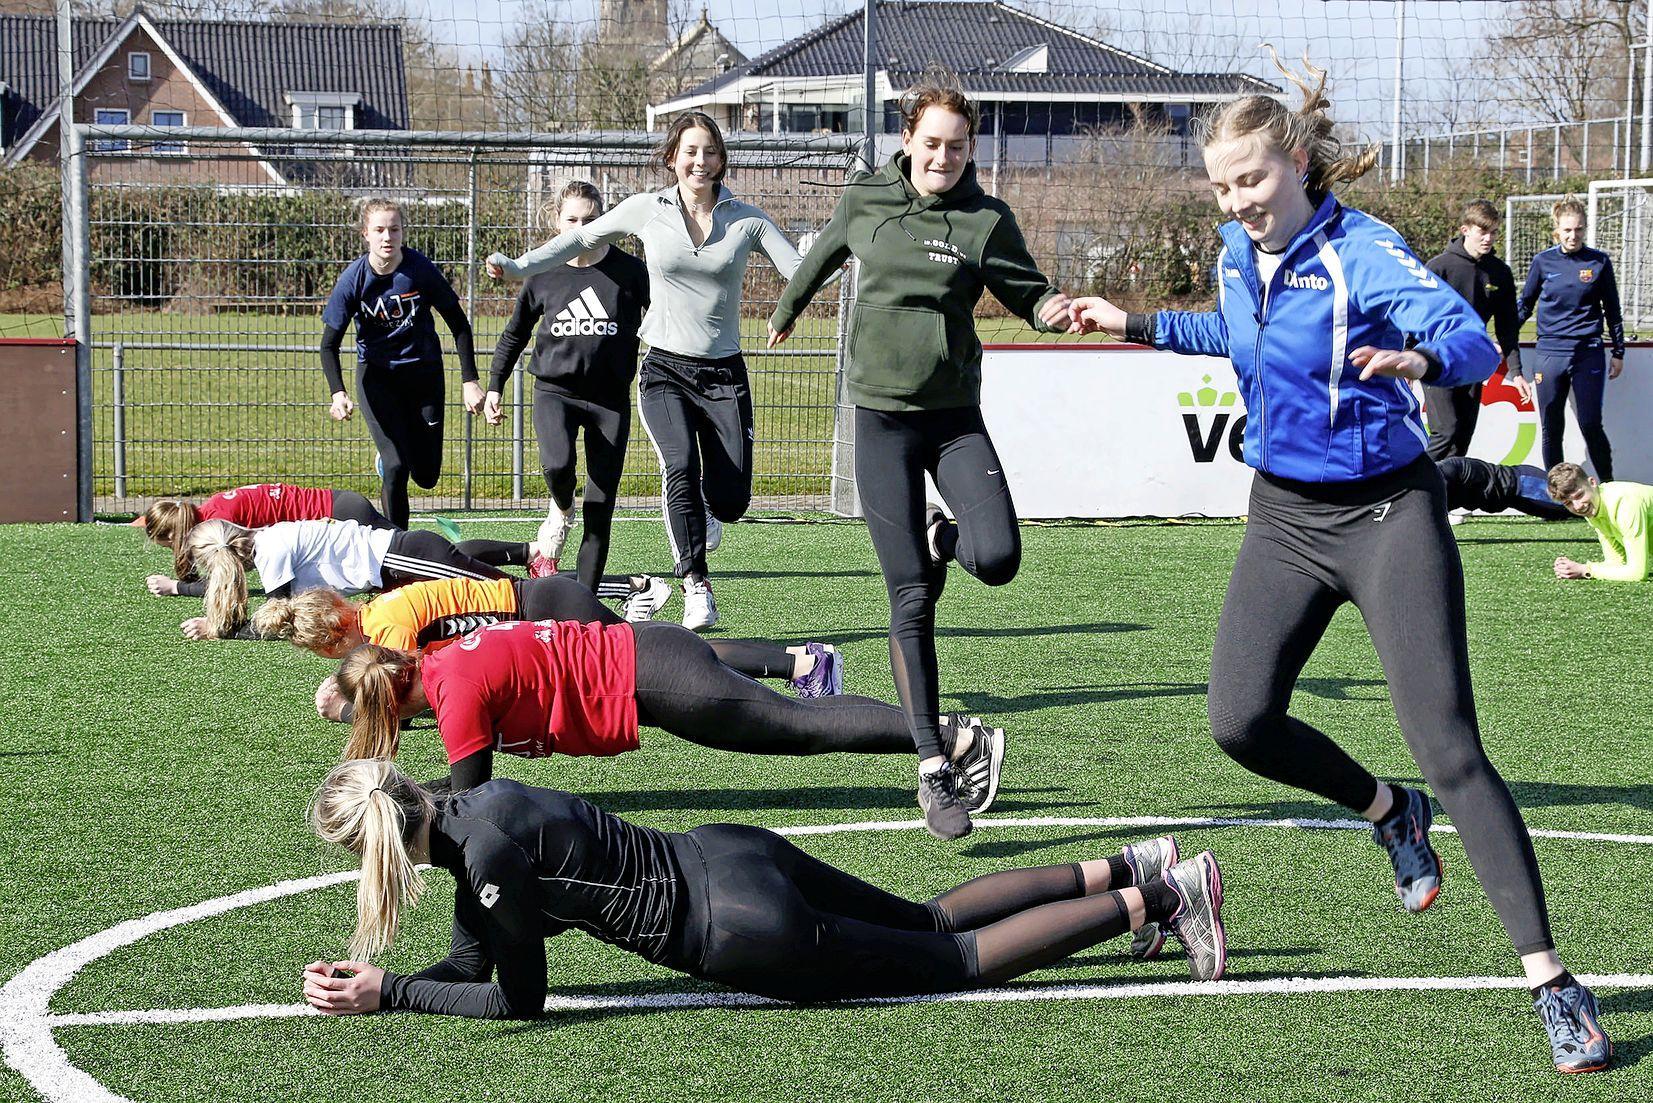 Bootcamps om aan kracht en conditie te werken: zo houden de volleyballers van Dinto zichzelf fit. 'Ze waren hier echt aan toe'